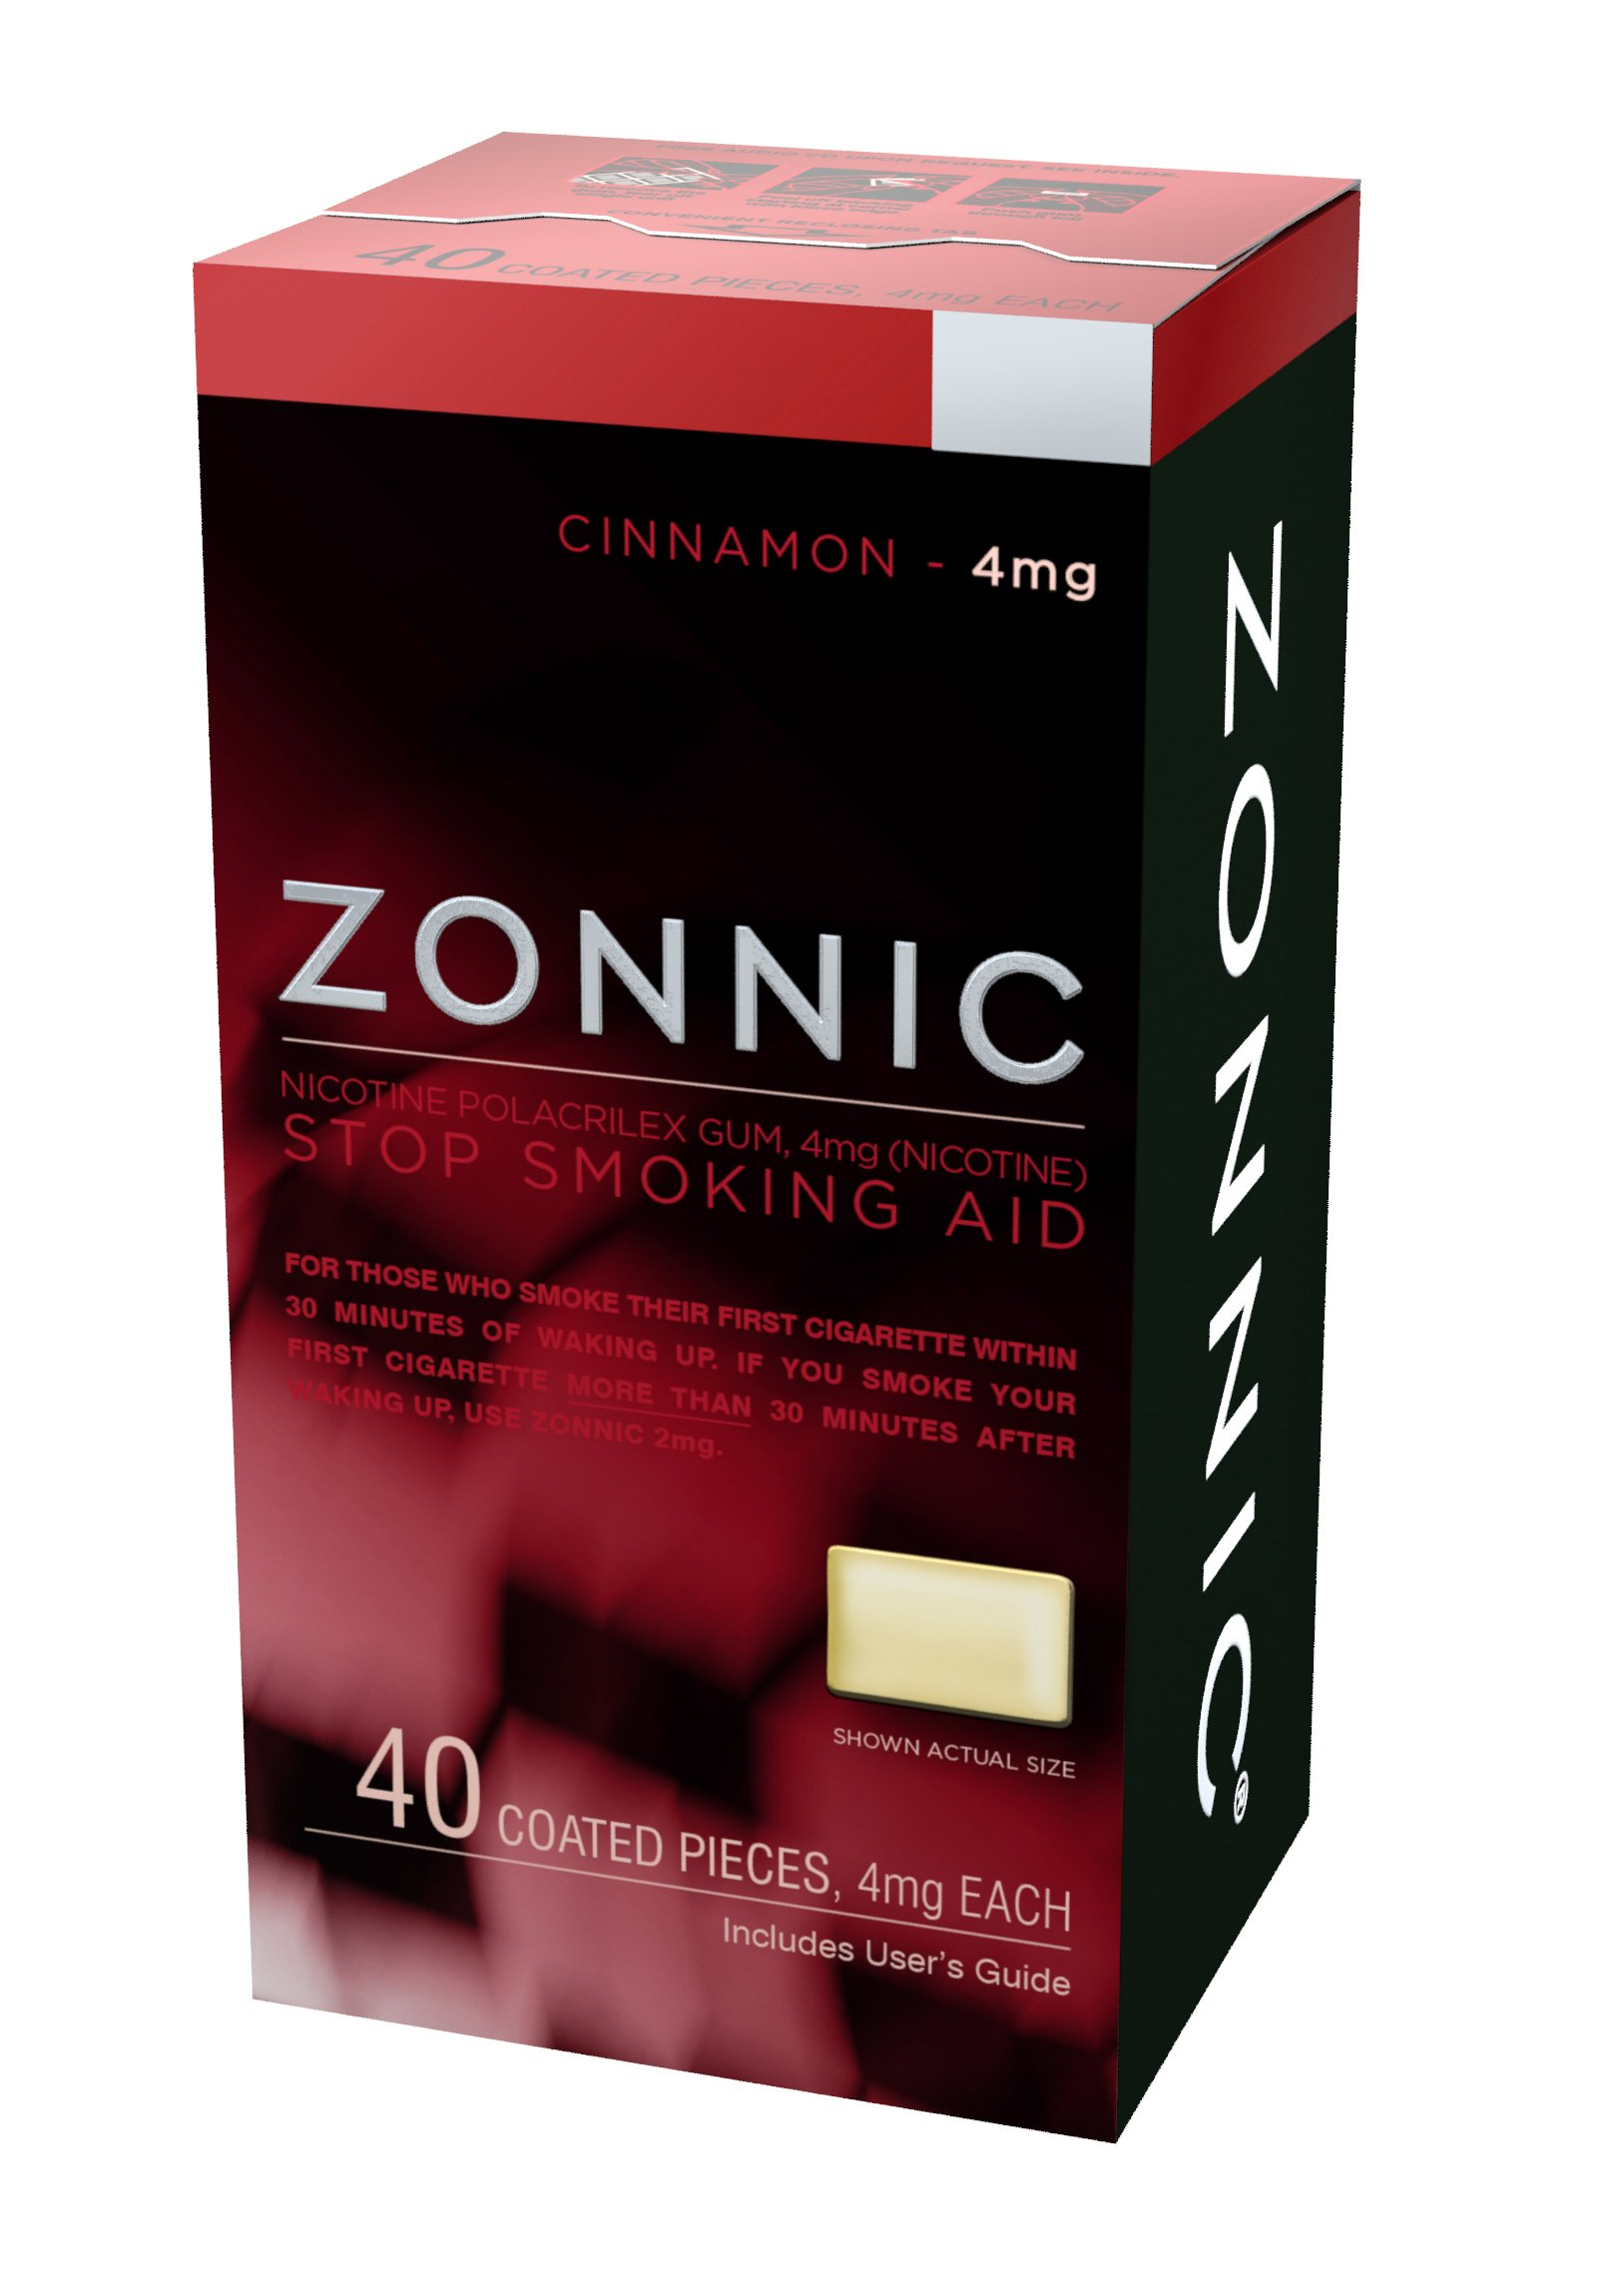 ZONNIC Nicotine Gum 4mg Cinnamon - 40 Count - Quit Smoking Aids, Sugar Free Stop Smoking Gum …